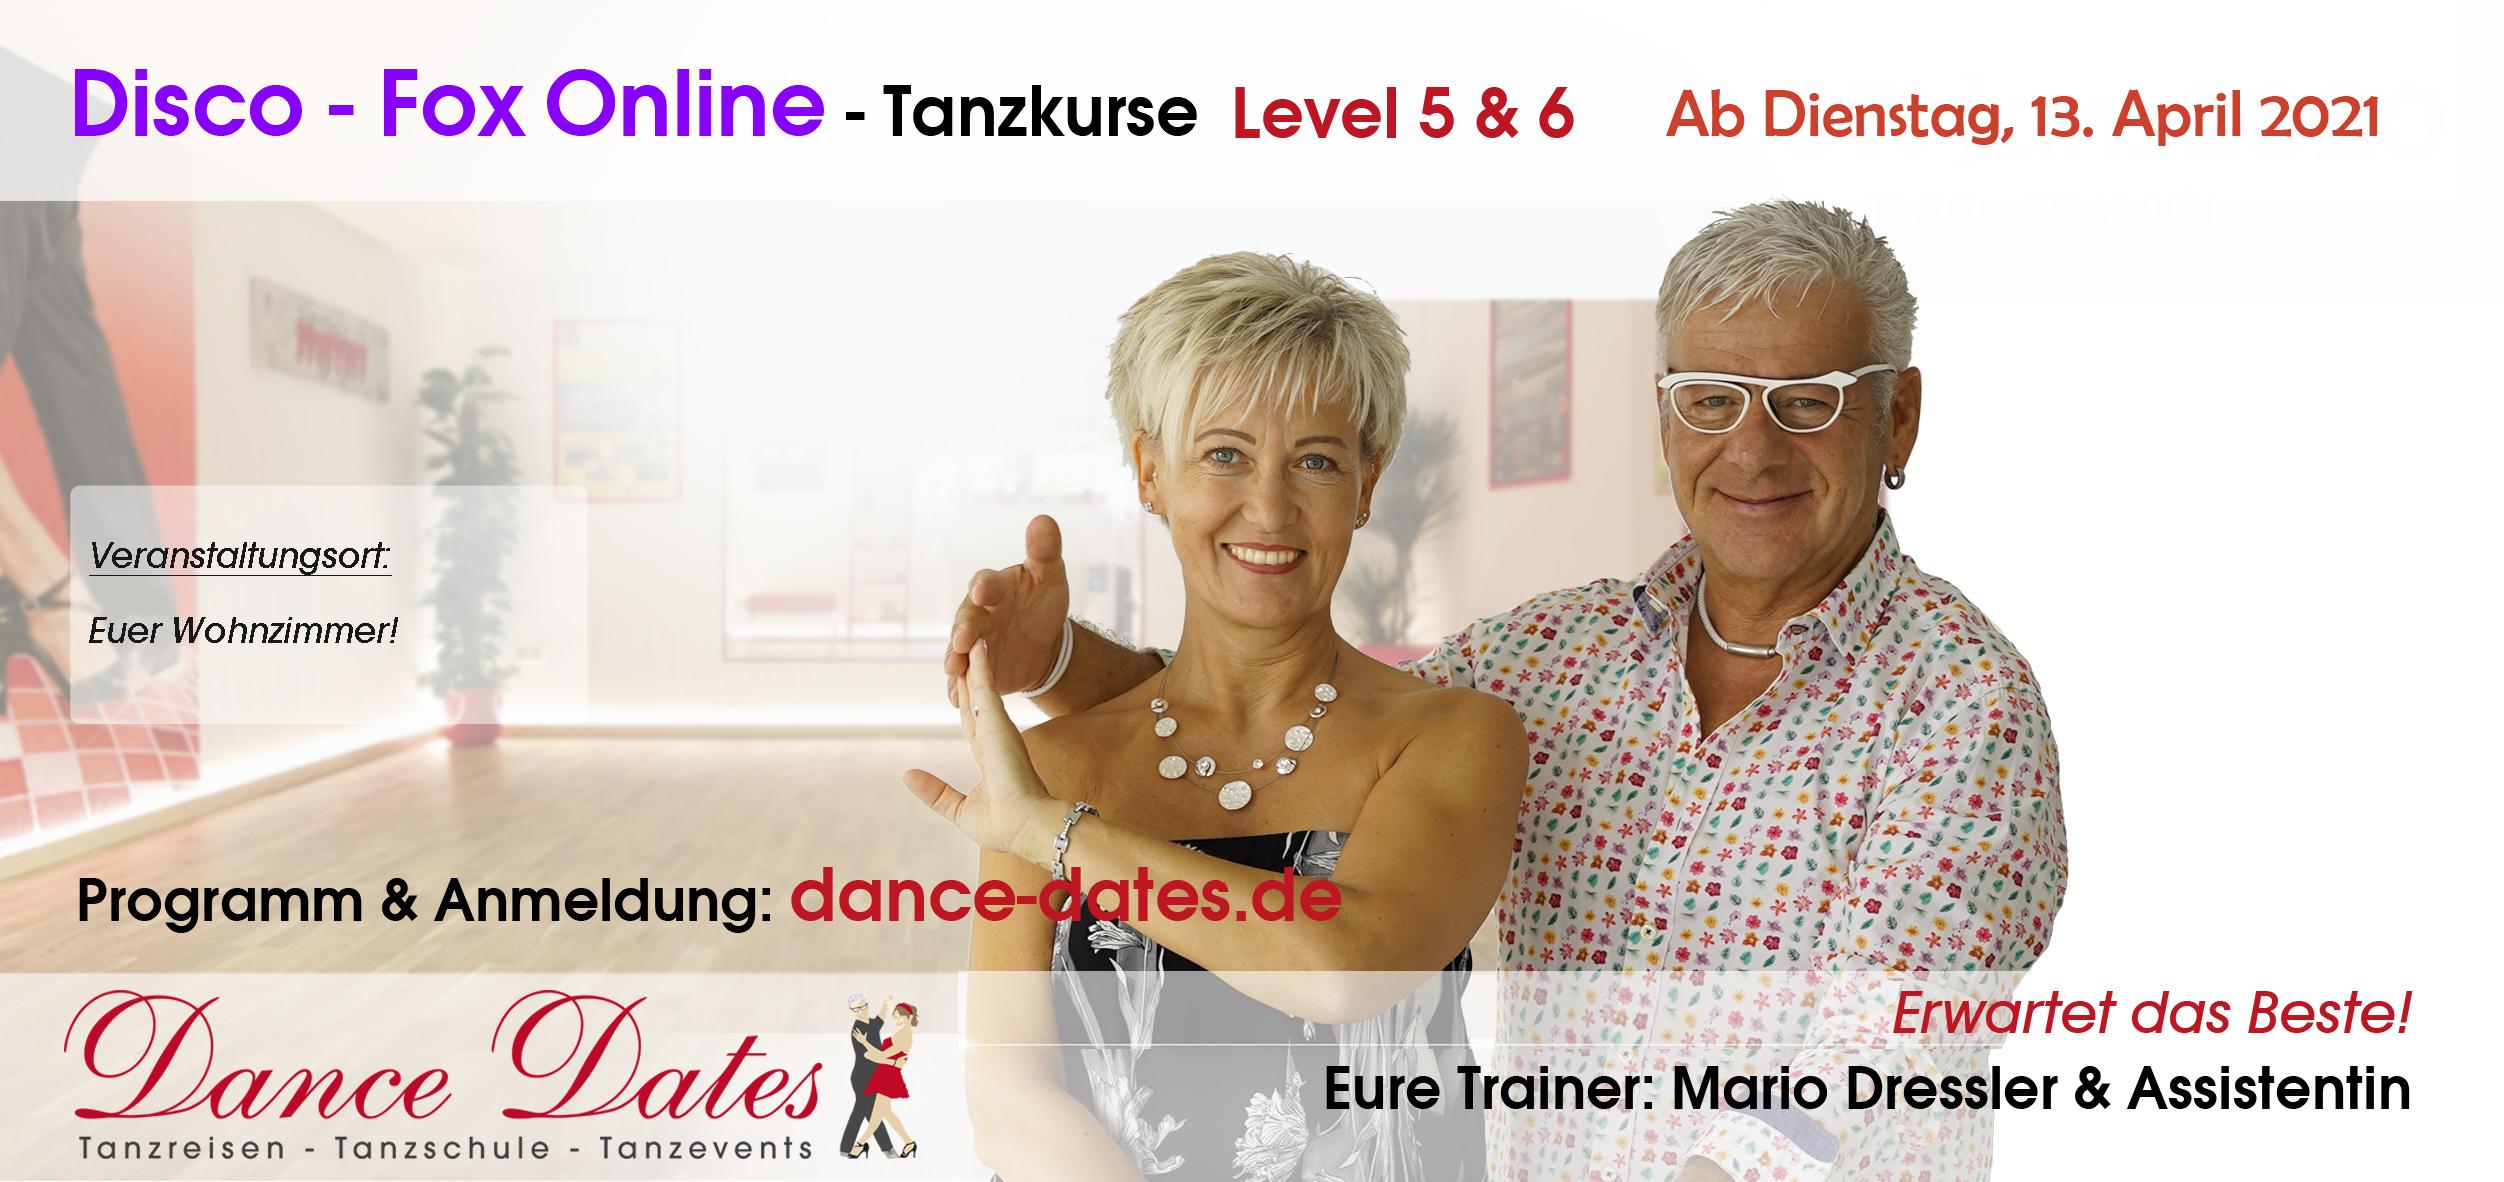 START: ONLINE-Disco-Fox-Tanzkurse aus Speyer